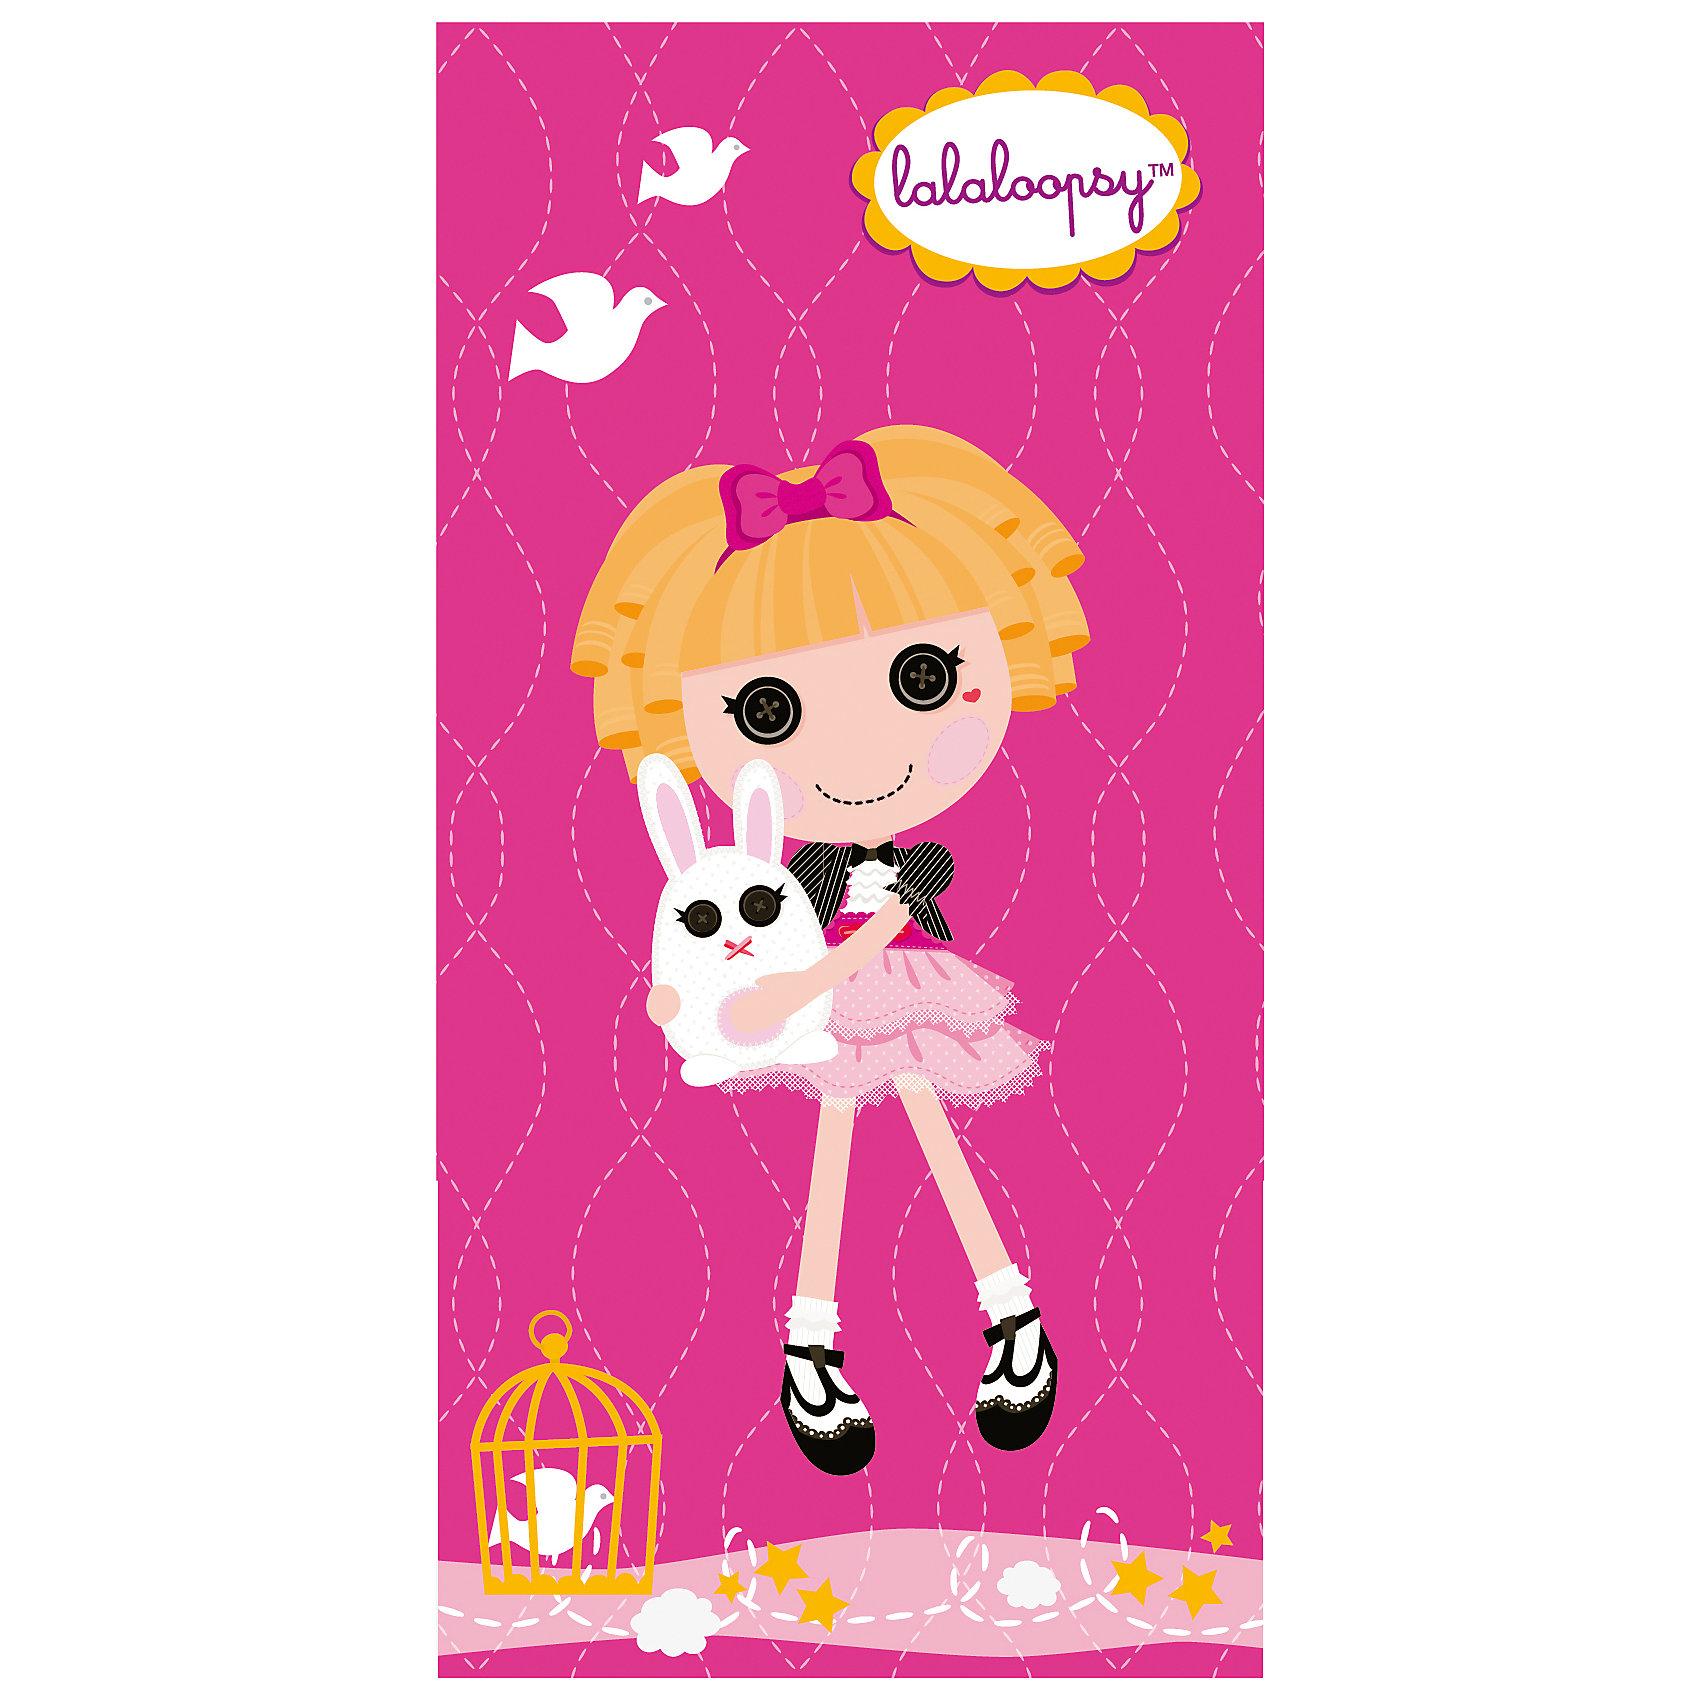 Полотенце Розовая куколка,  50*90 см, LalaloopsyМягкое, приятное на ощупь детское полотенце Розовая куколка, Lalaloopsy порадует и поднимет настроение Вашей девочке. Полотенце выполнено из махры и велюра, состоящих 100% хлопка и украшено ярким изображением популярной куколки Lalaloopsy (Лалалупси) и ее питомца - кролика. Прекрасно впитывает влагу, обладает высокой теплозащитой.<br><br>Дополнительная информация:<br><br>- Материал: махра и велюр из 100% хлопка. <br>- Цвет: розовый.<br>- Размер: 50 х 90 см.<br>- Вес: 0,30 кг.<br><br>Полотенце Розовая куколка, Lalaloopsy, можно купить в нашем интернет-магазине.<br><br>Ширина мм: 400<br>Глубина мм: 250<br>Высота мм: 10<br>Вес г: 250<br>Возраст от месяцев: 36<br>Возраст до месяцев: 180<br>Пол: Женский<br>Возраст: Детский<br>SKU: 3972070